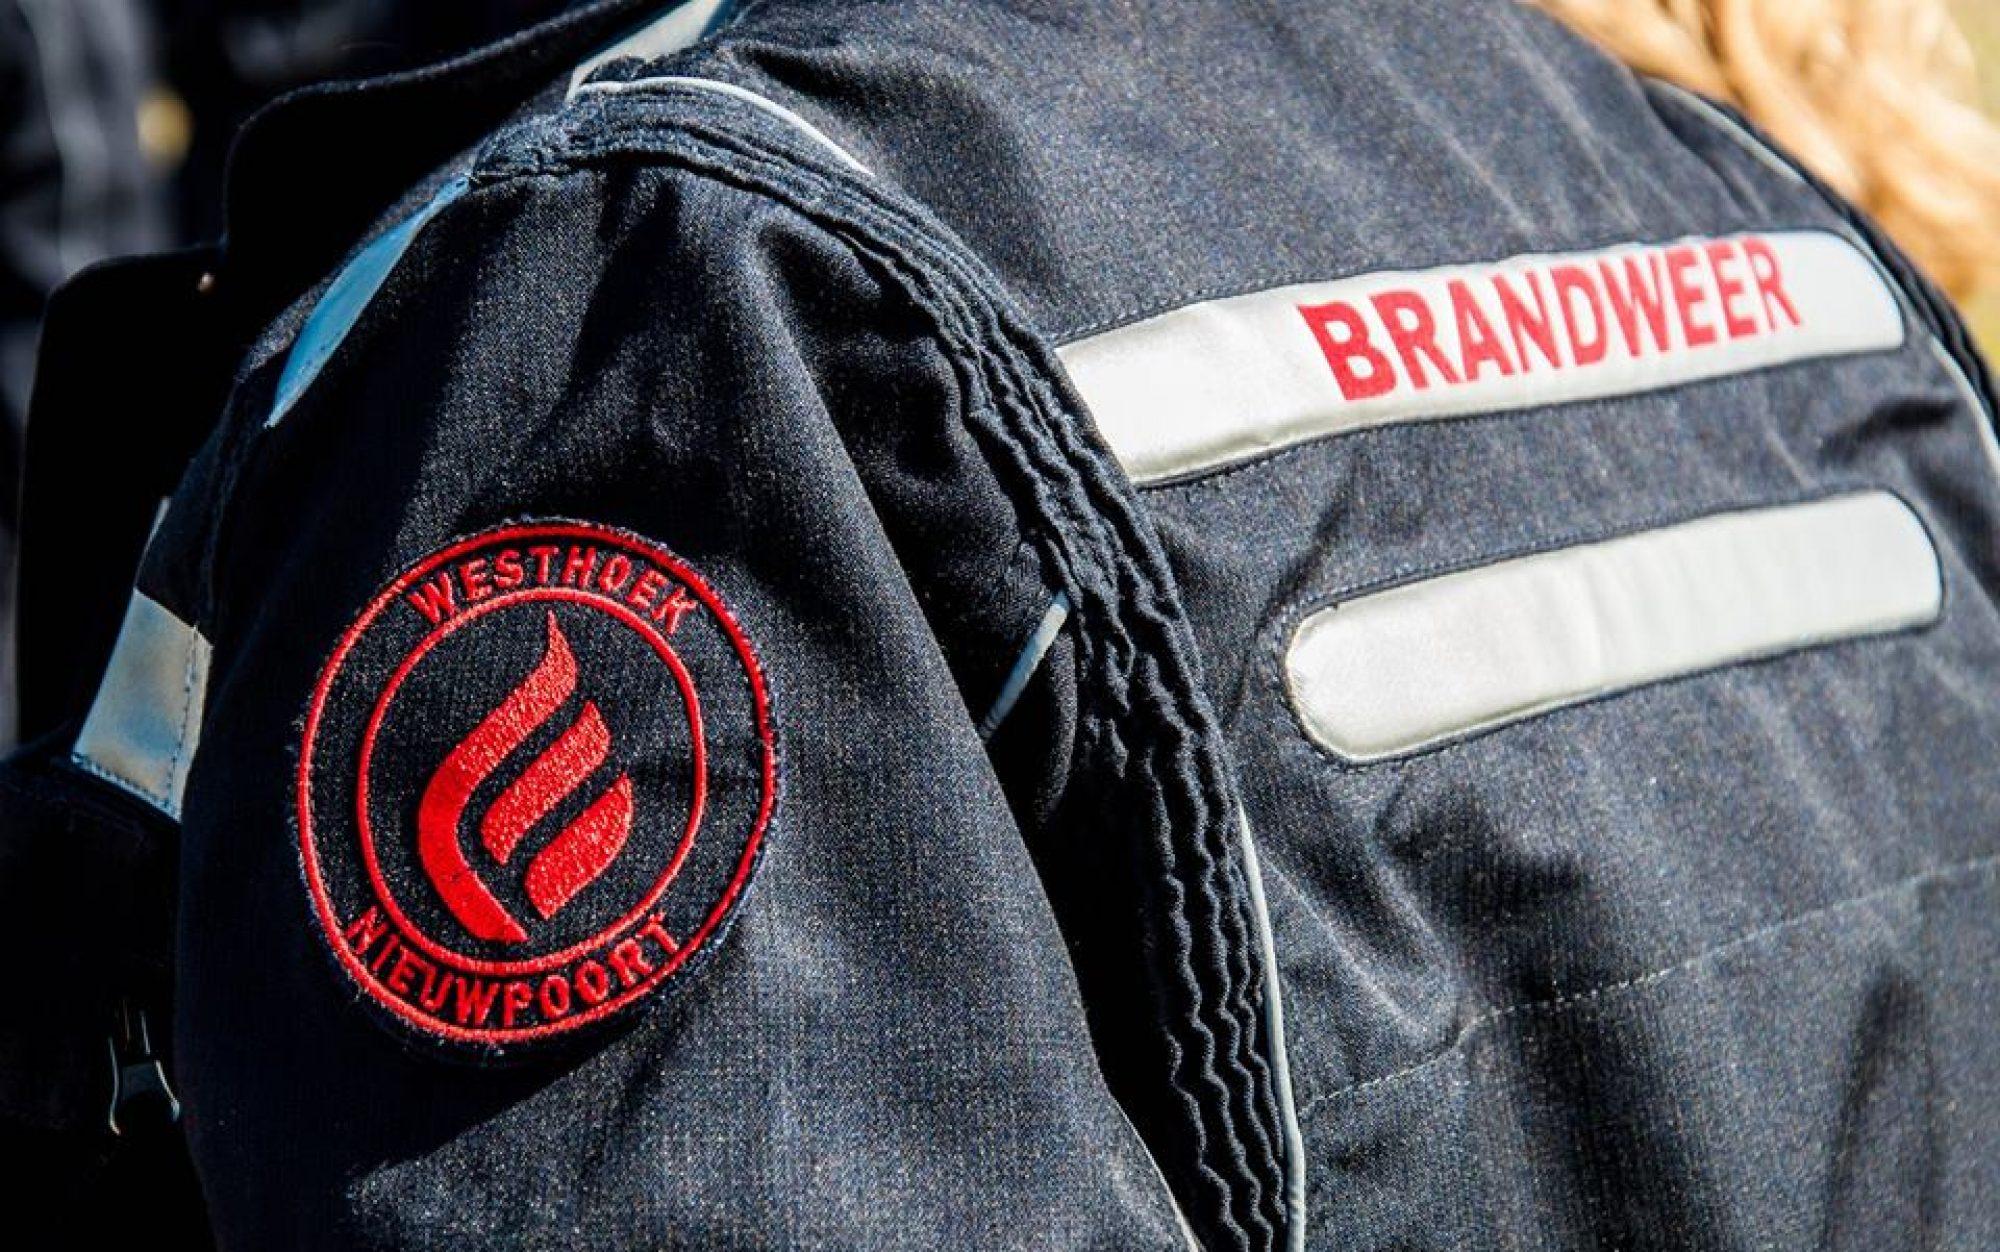 Brandweer Nieuwpoort